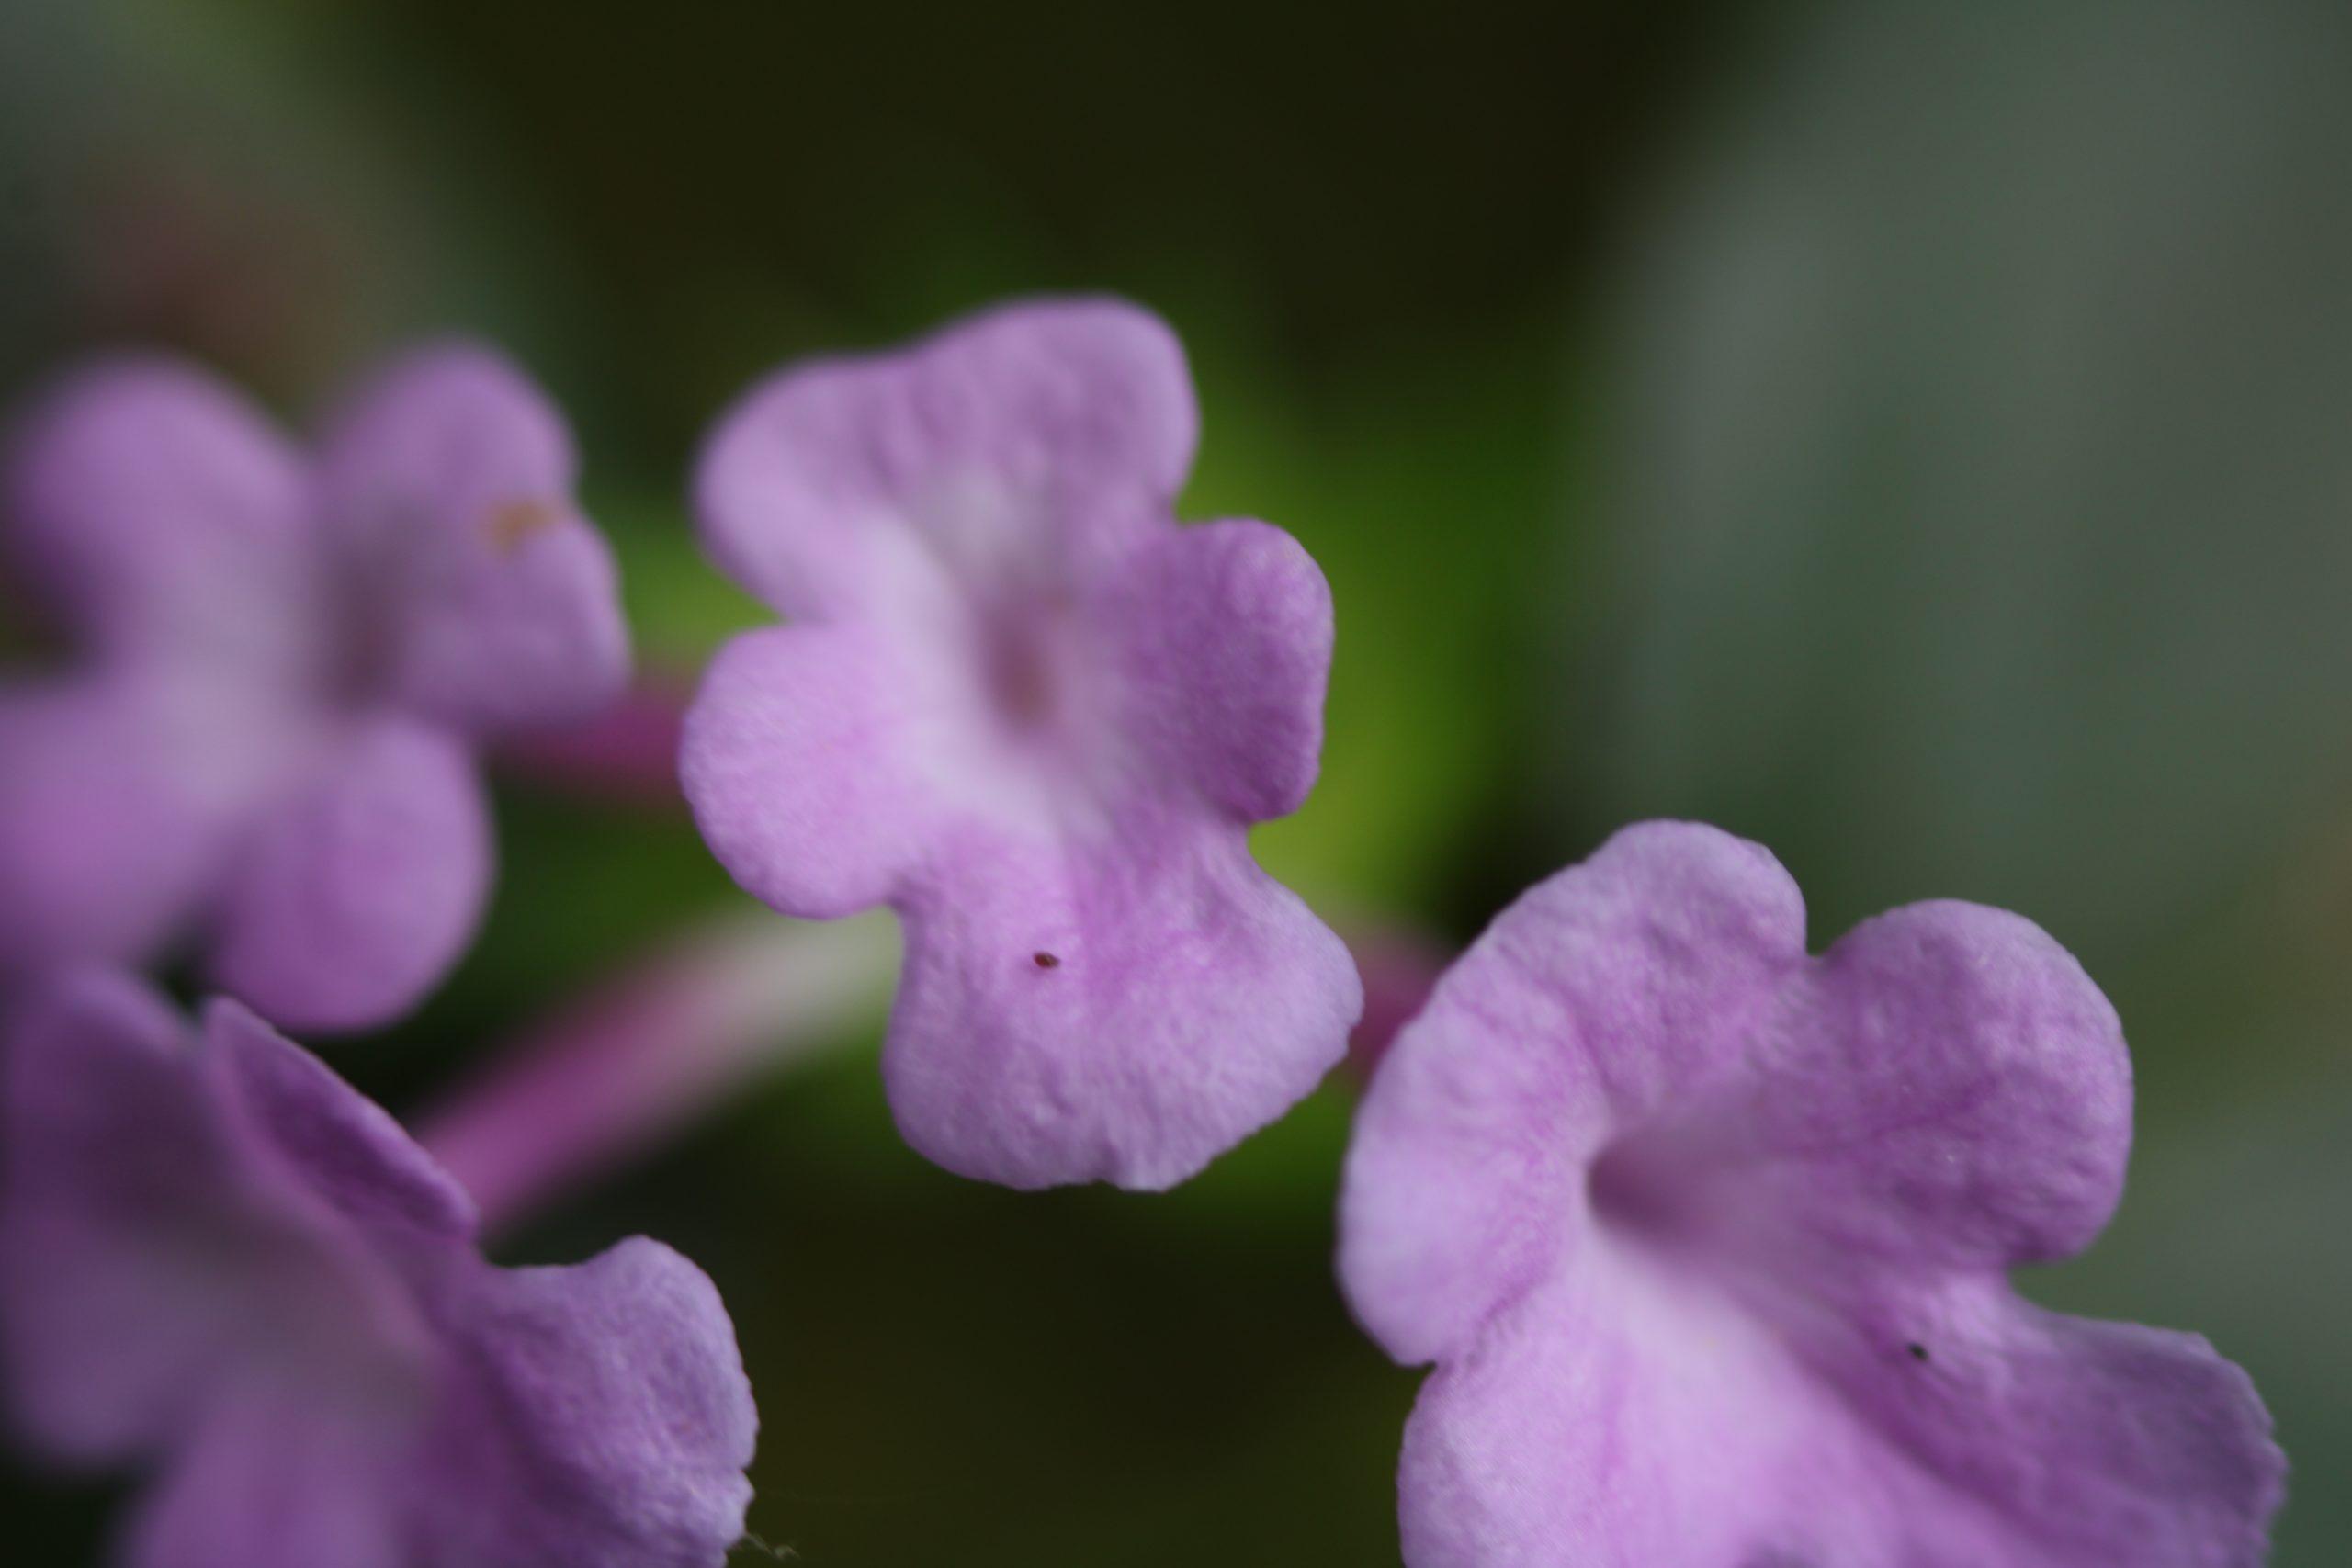 Blooming Violet Flowers